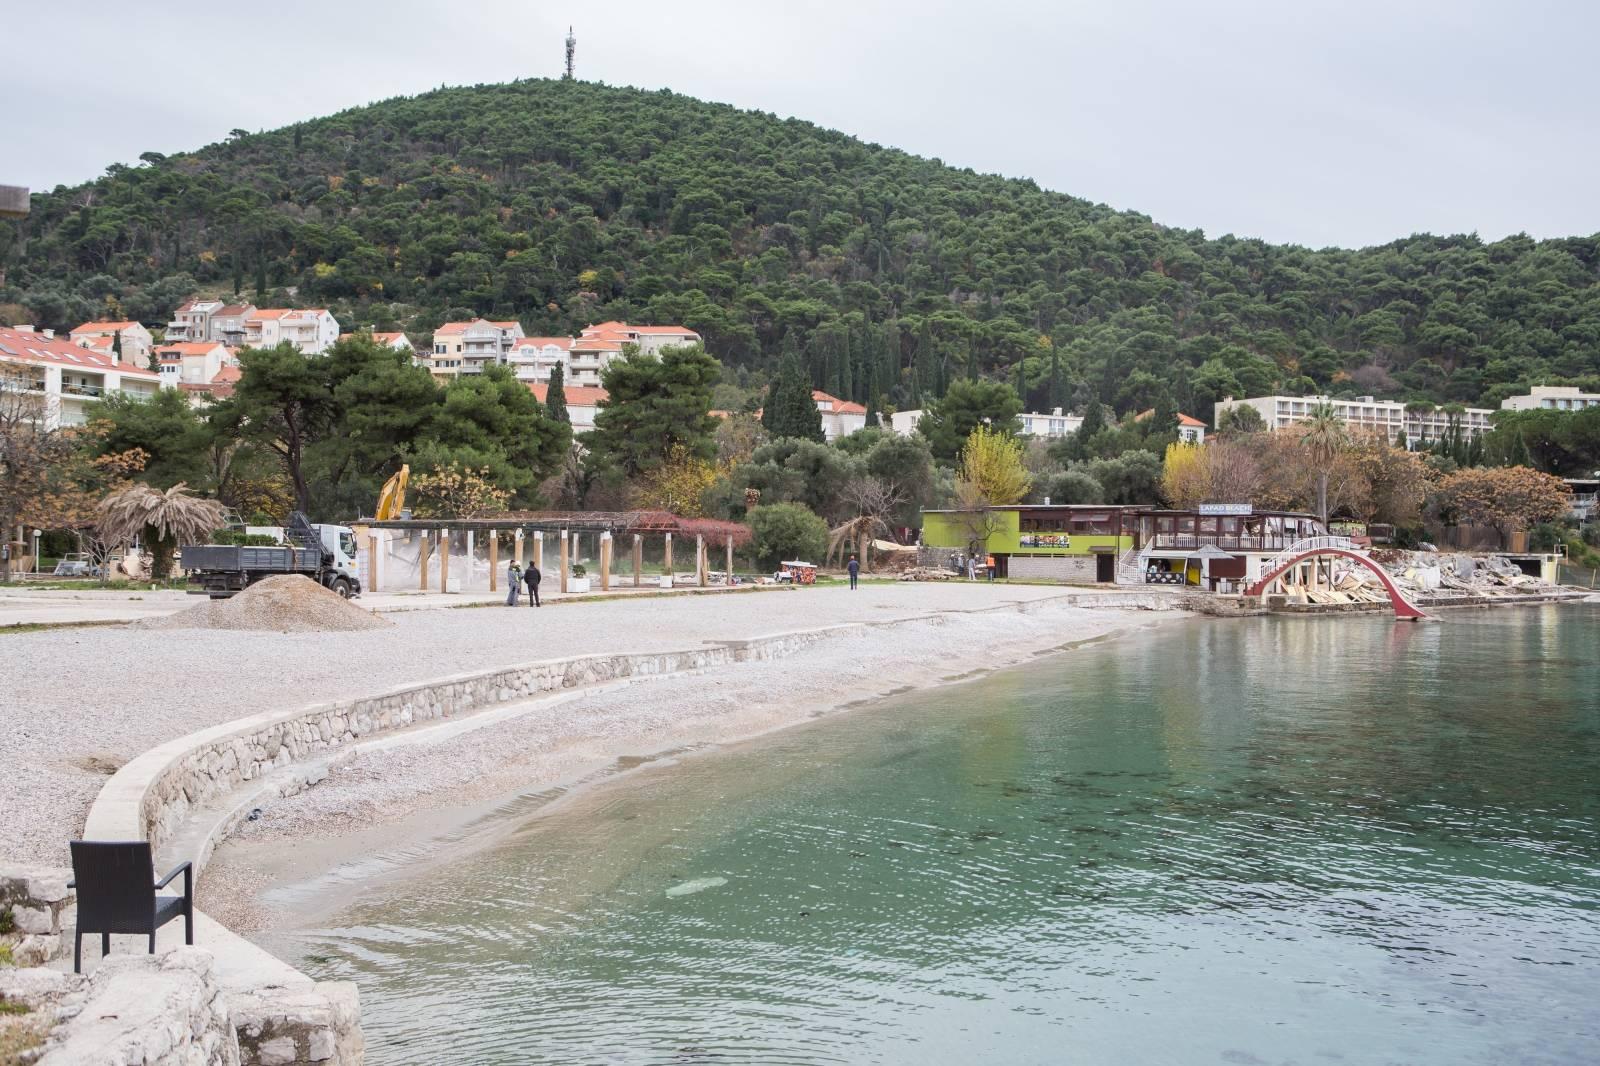 Fekalije na plaži: Ubacili stalak za bicikle u sustav pa izazvali prelijevanje kanalizacije u more